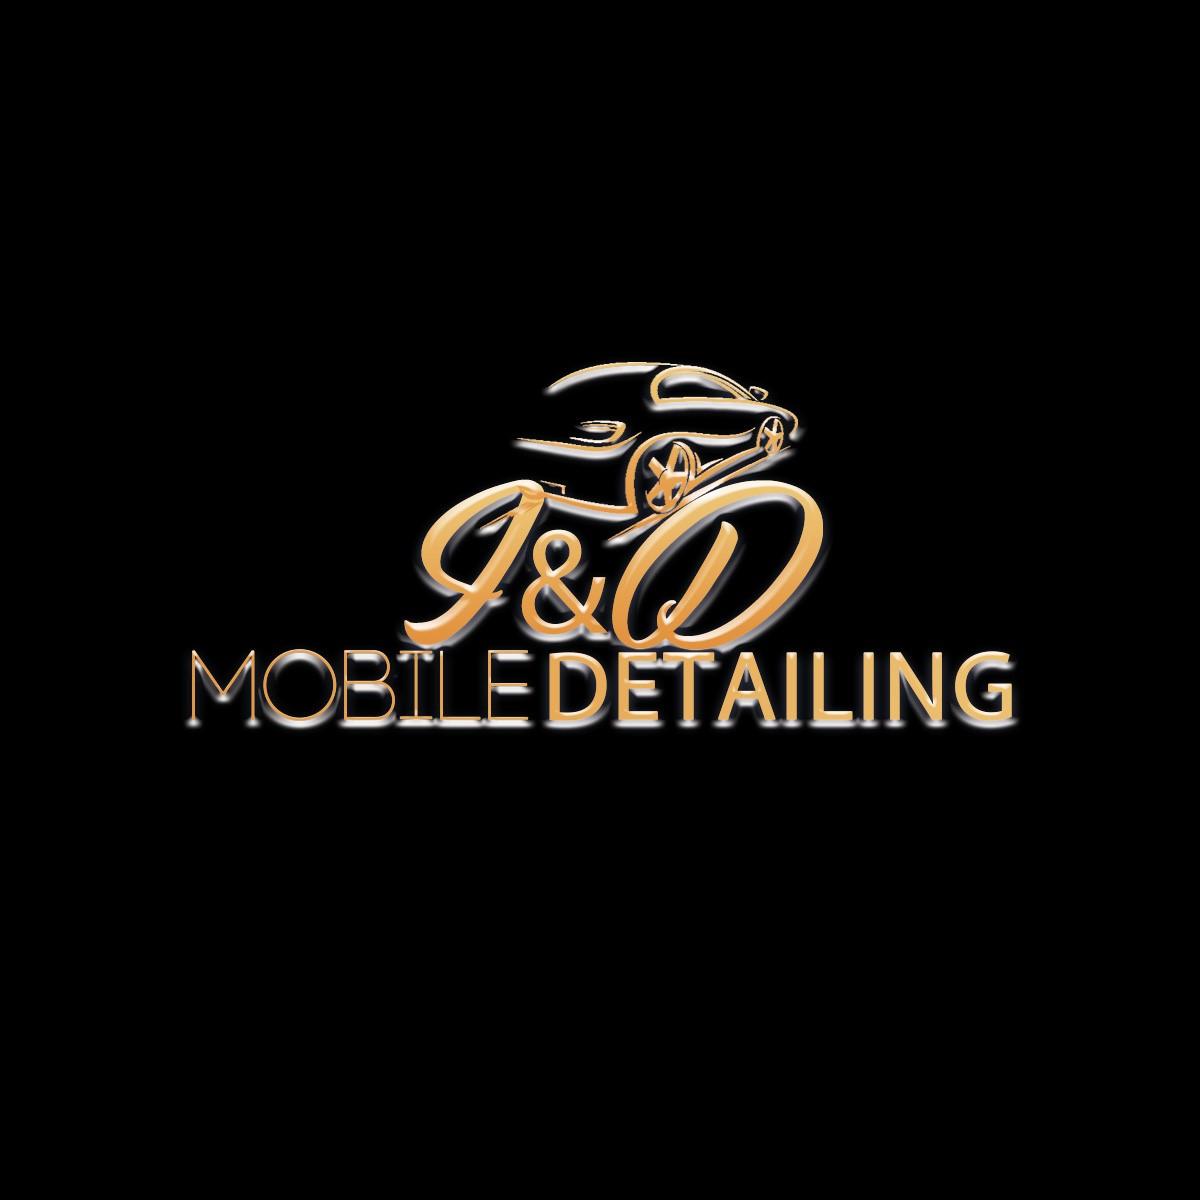 I&D MOBILE DETAILING